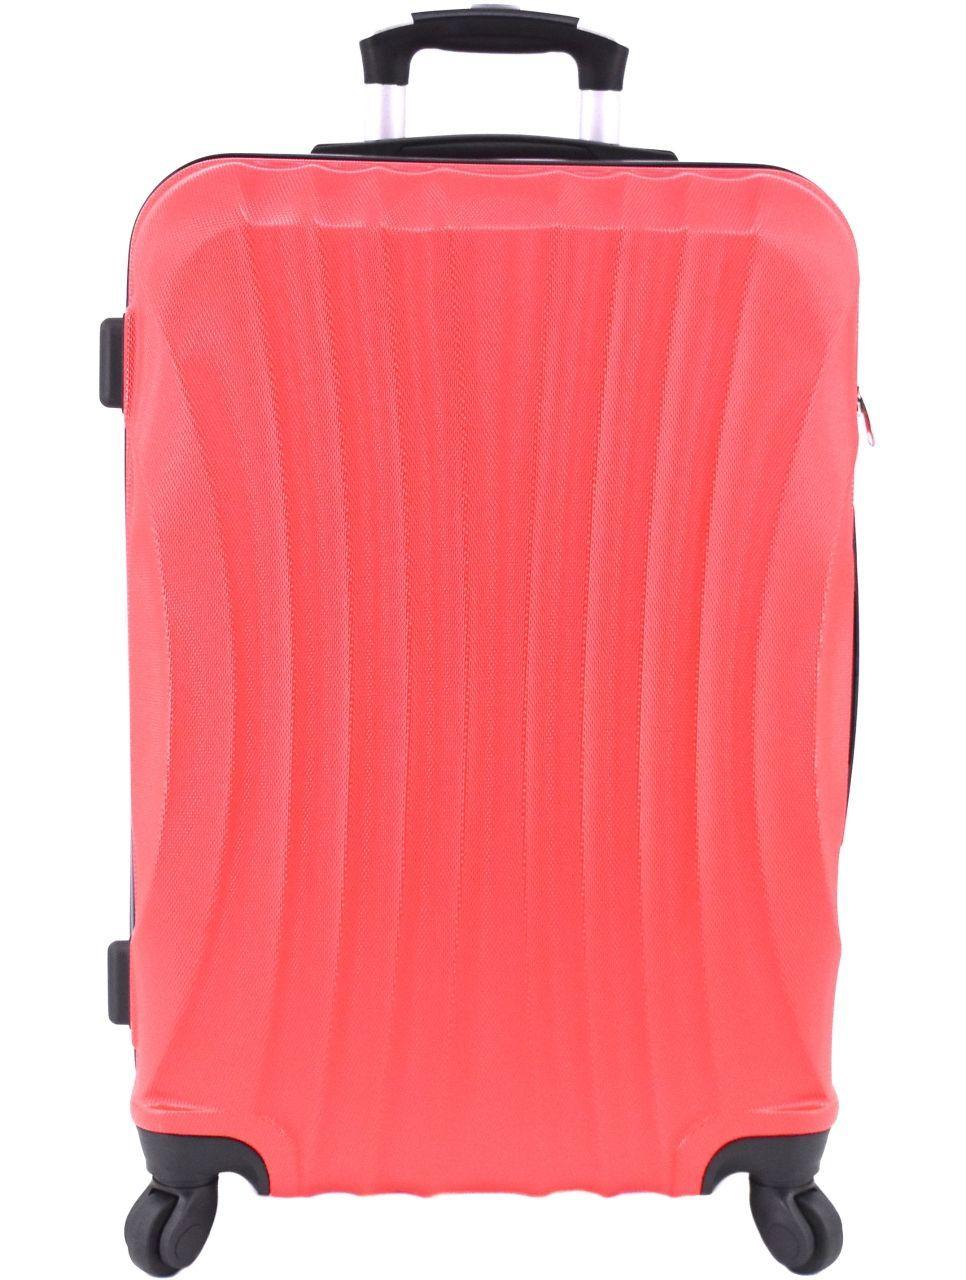 Cestovní skořepina kufr na čtyřech kolečkách Arteddy - (M) 60l červená 6020 (M)